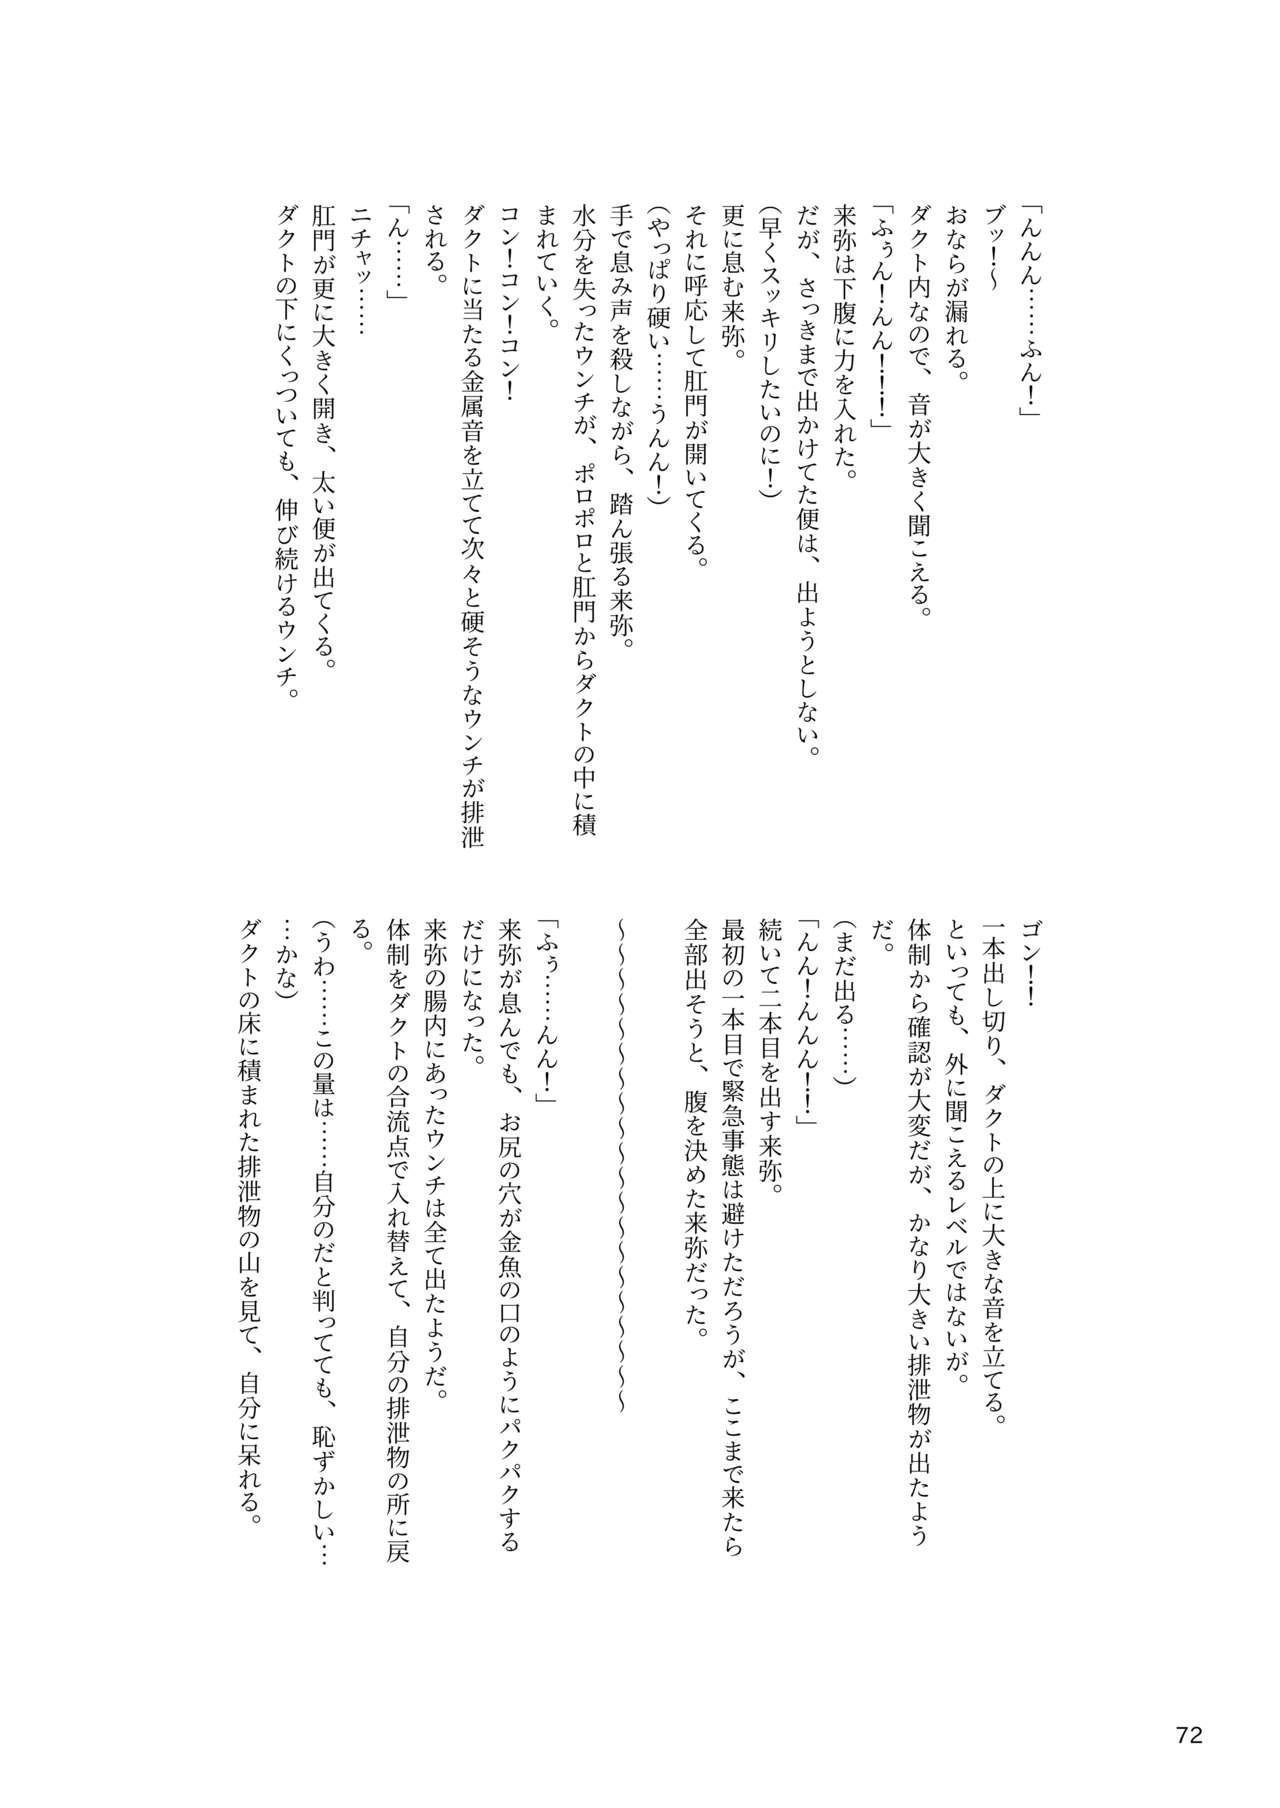 ア○スギア総合スカトロアンソロジー アクトレス排泄実態調査任務~スカポためるっすか!?~ 71